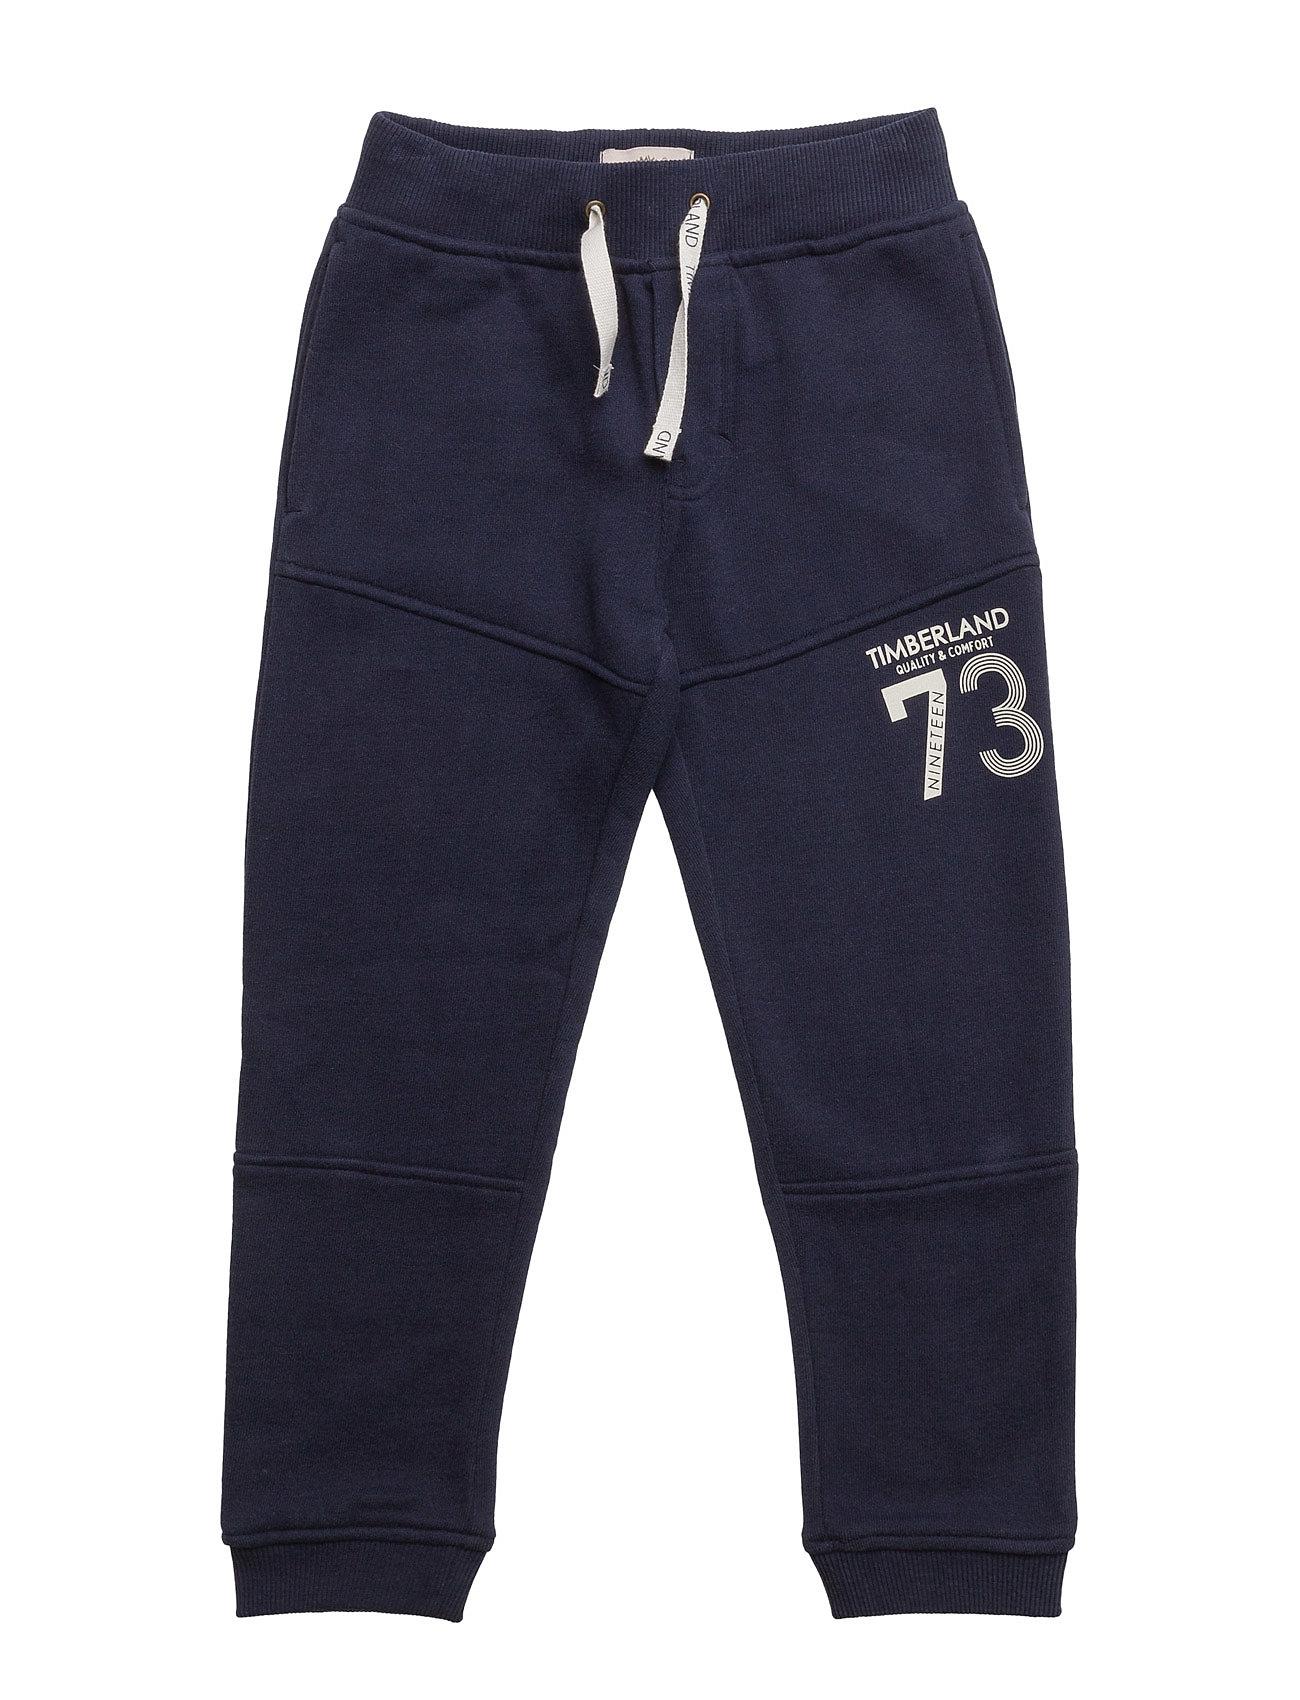 Track-Suit Timberland  til Børn i Navy blå